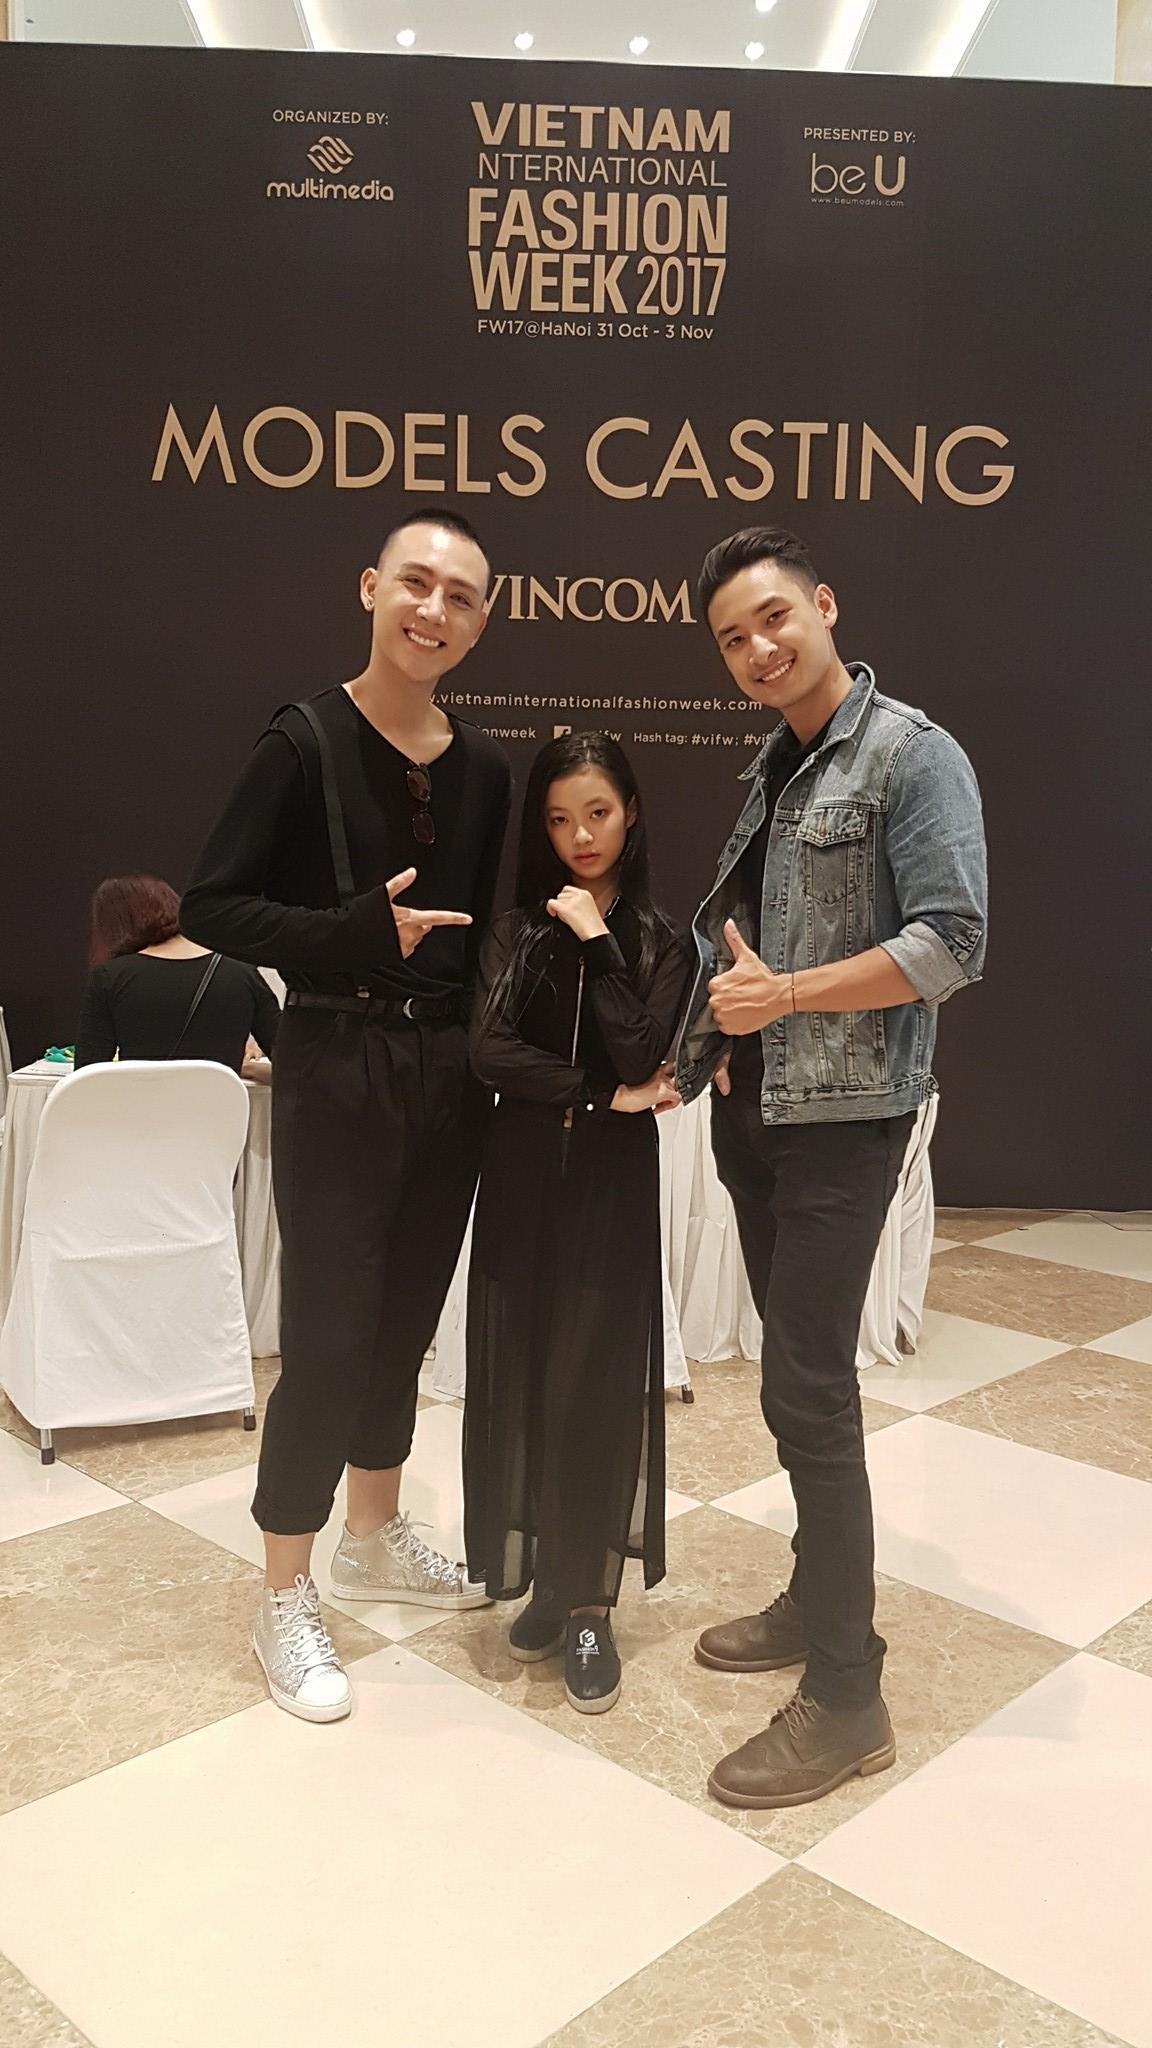 Mới 10 tuổi, cô bé này đã đăng ký casting Vietnam International Fashion Week và nổi bật lấn lướt người lớn với thần thái sắc lạnh - Ảnh 3.